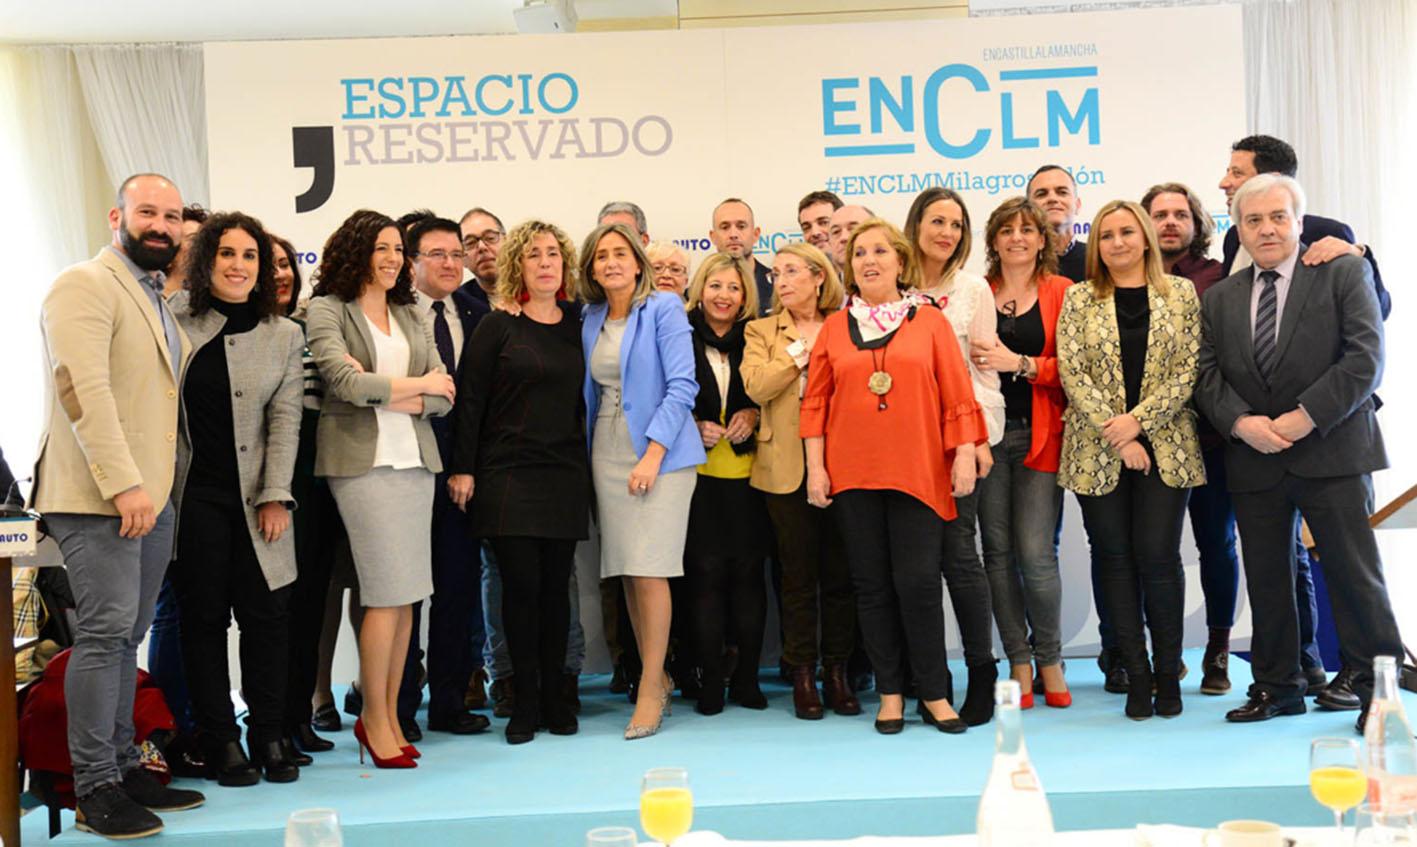 Rubén Rufo, primero por la izquierda, junto a Milagros Tolón y el resto de su candidatura en un Espacio Reservado de encastillalamancha.es.